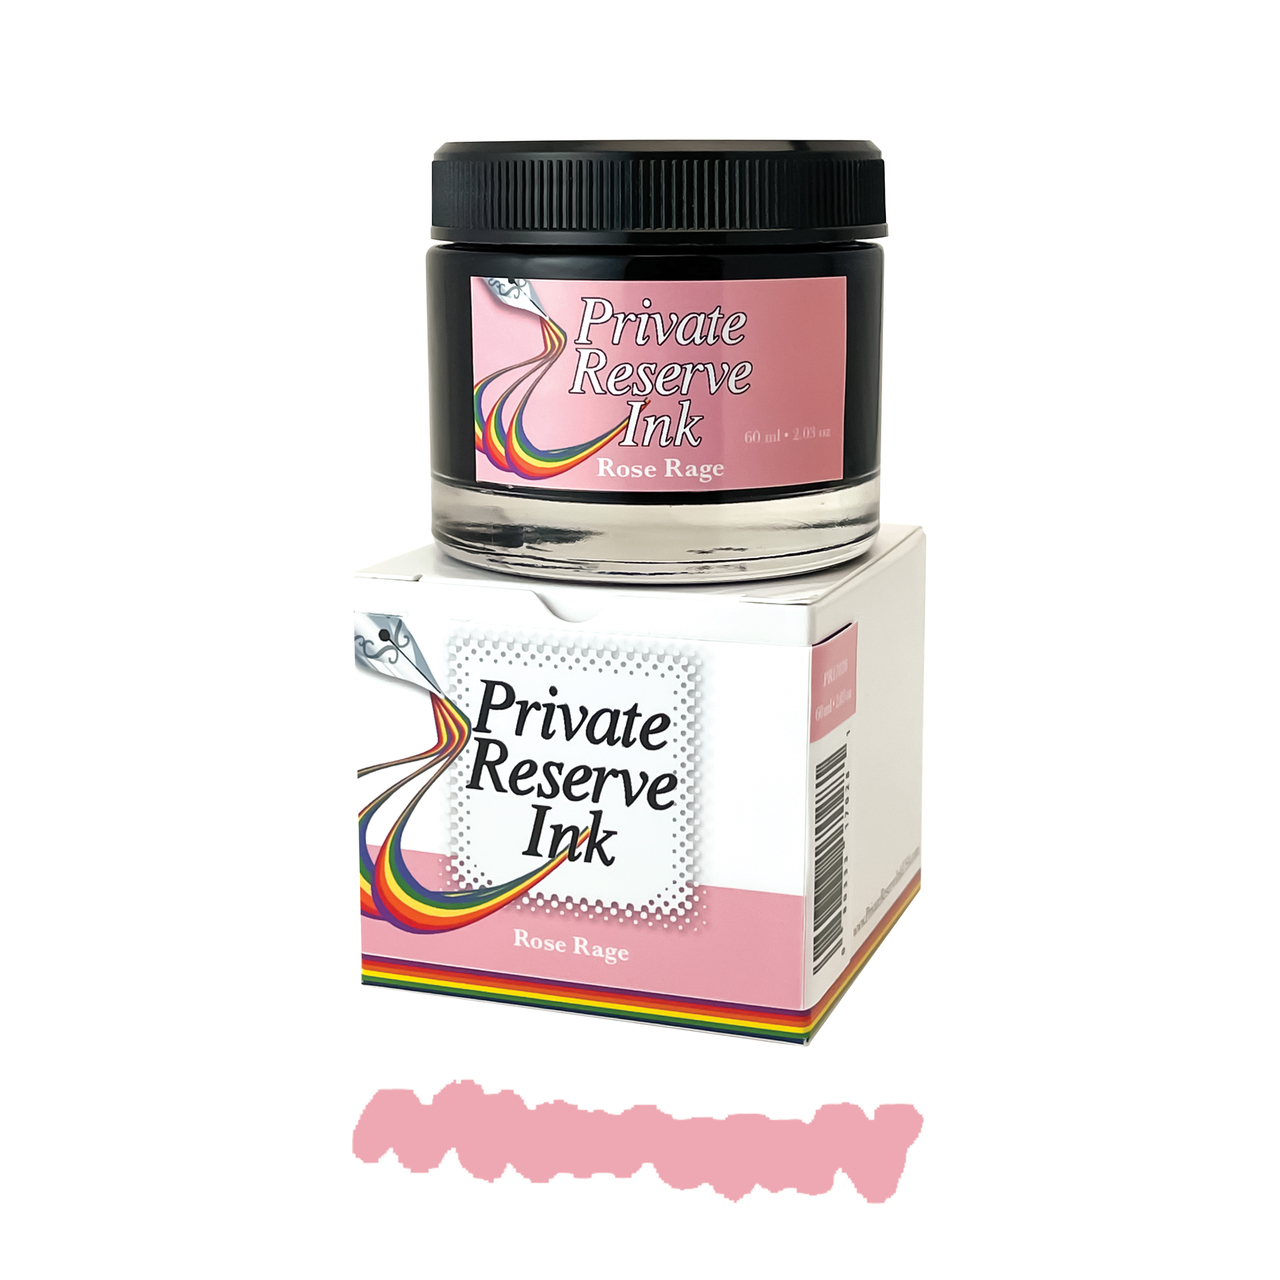 PR17028_premium_ink_rose